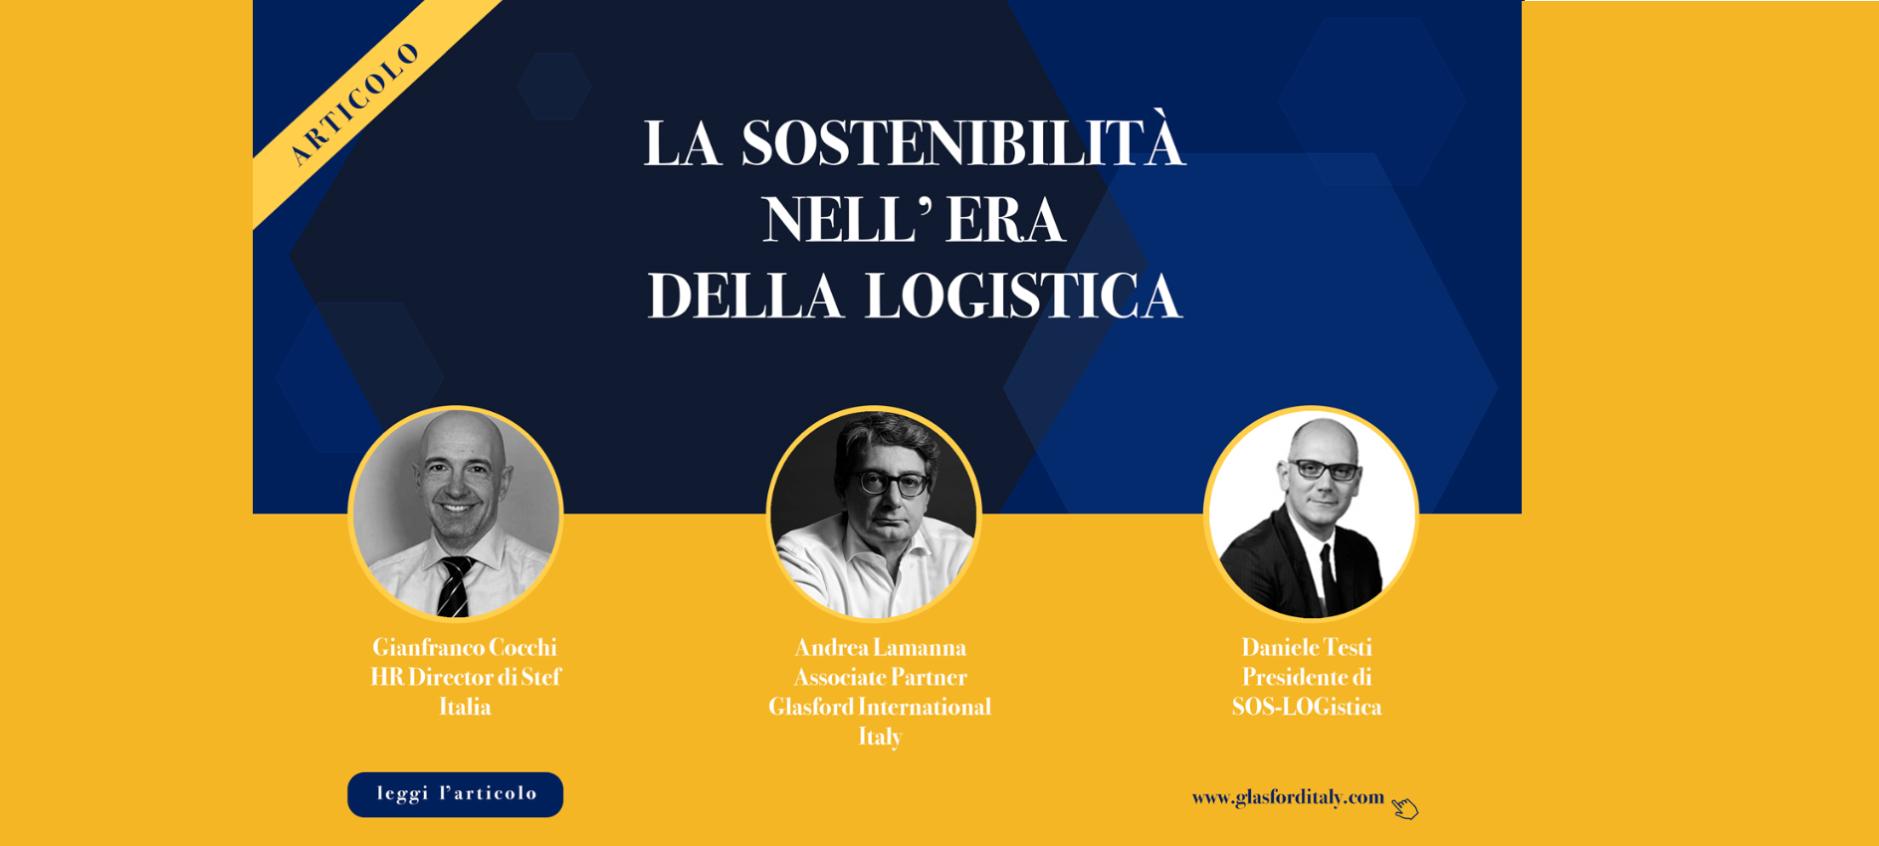 Andrea Lamanna, La sostenibilità nell'era della logistica